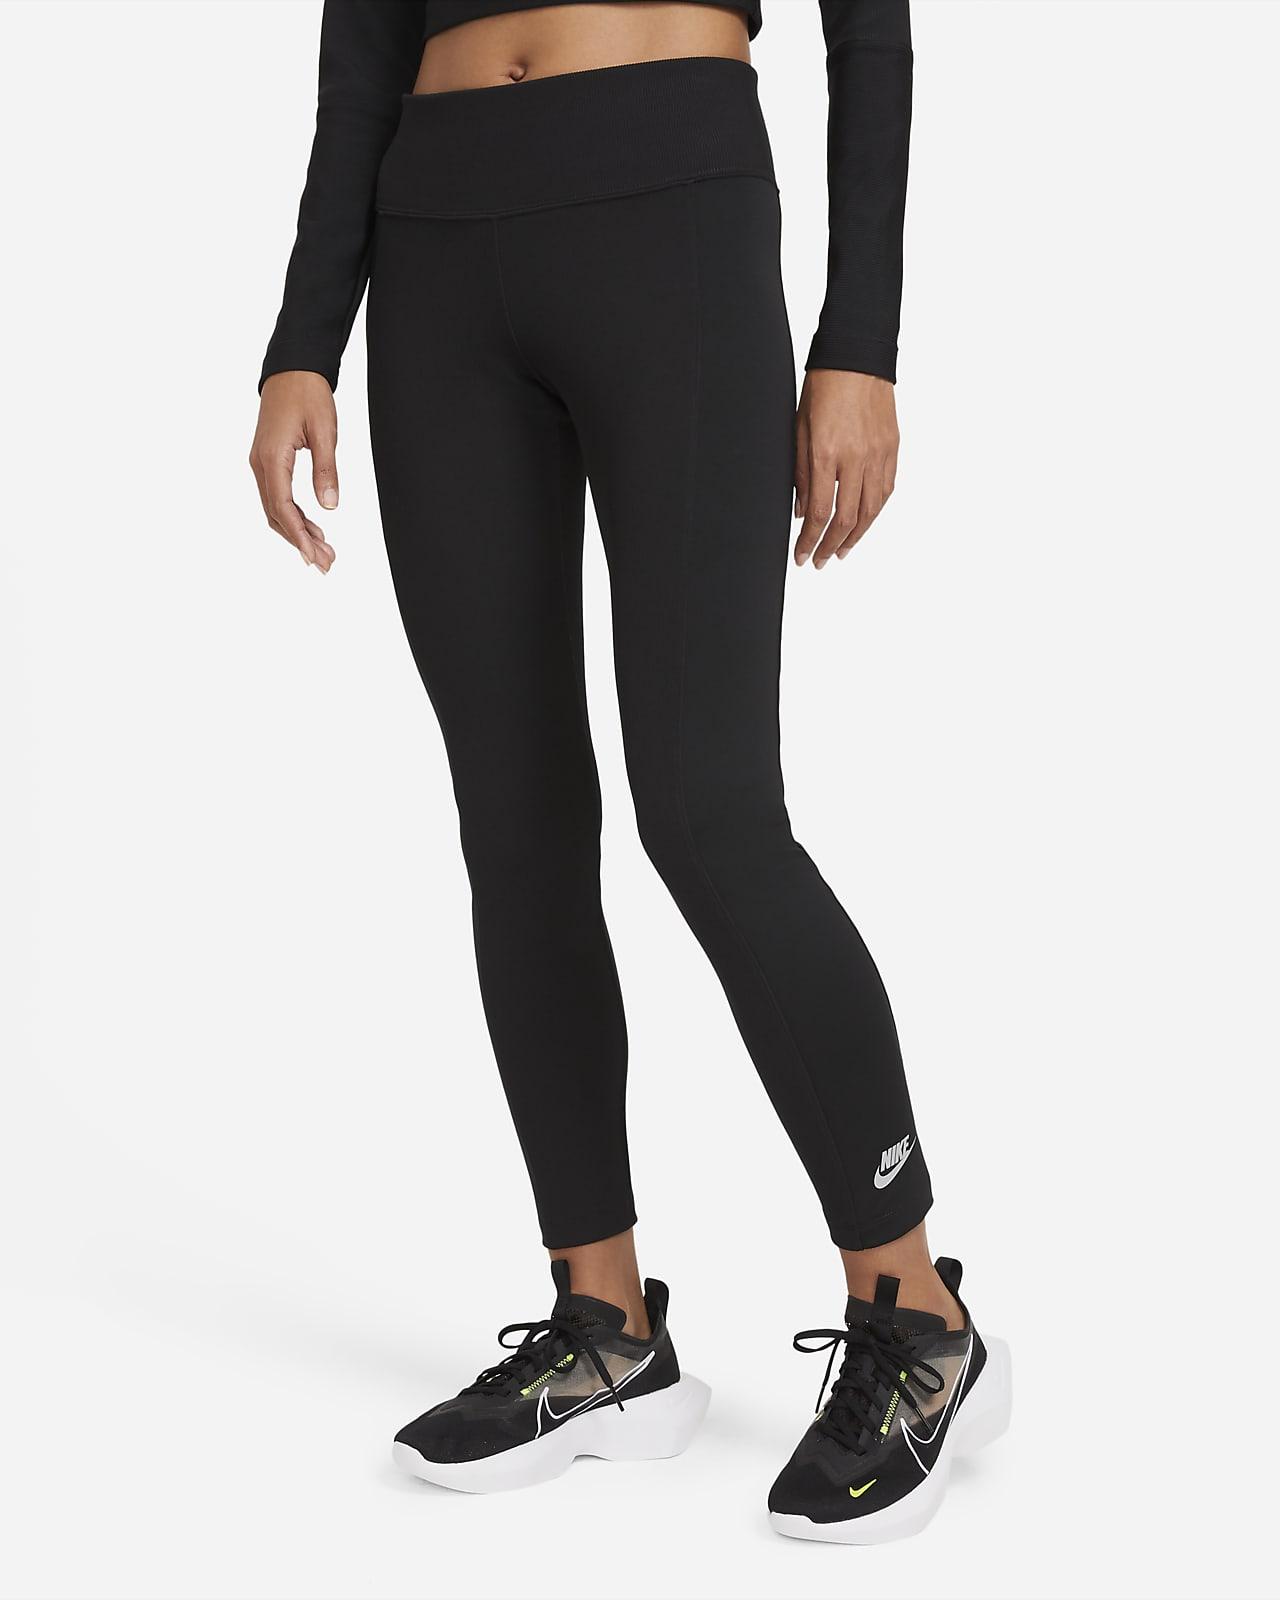 Nike Sportswear Women's Mid-Rise 7/8 Leggings